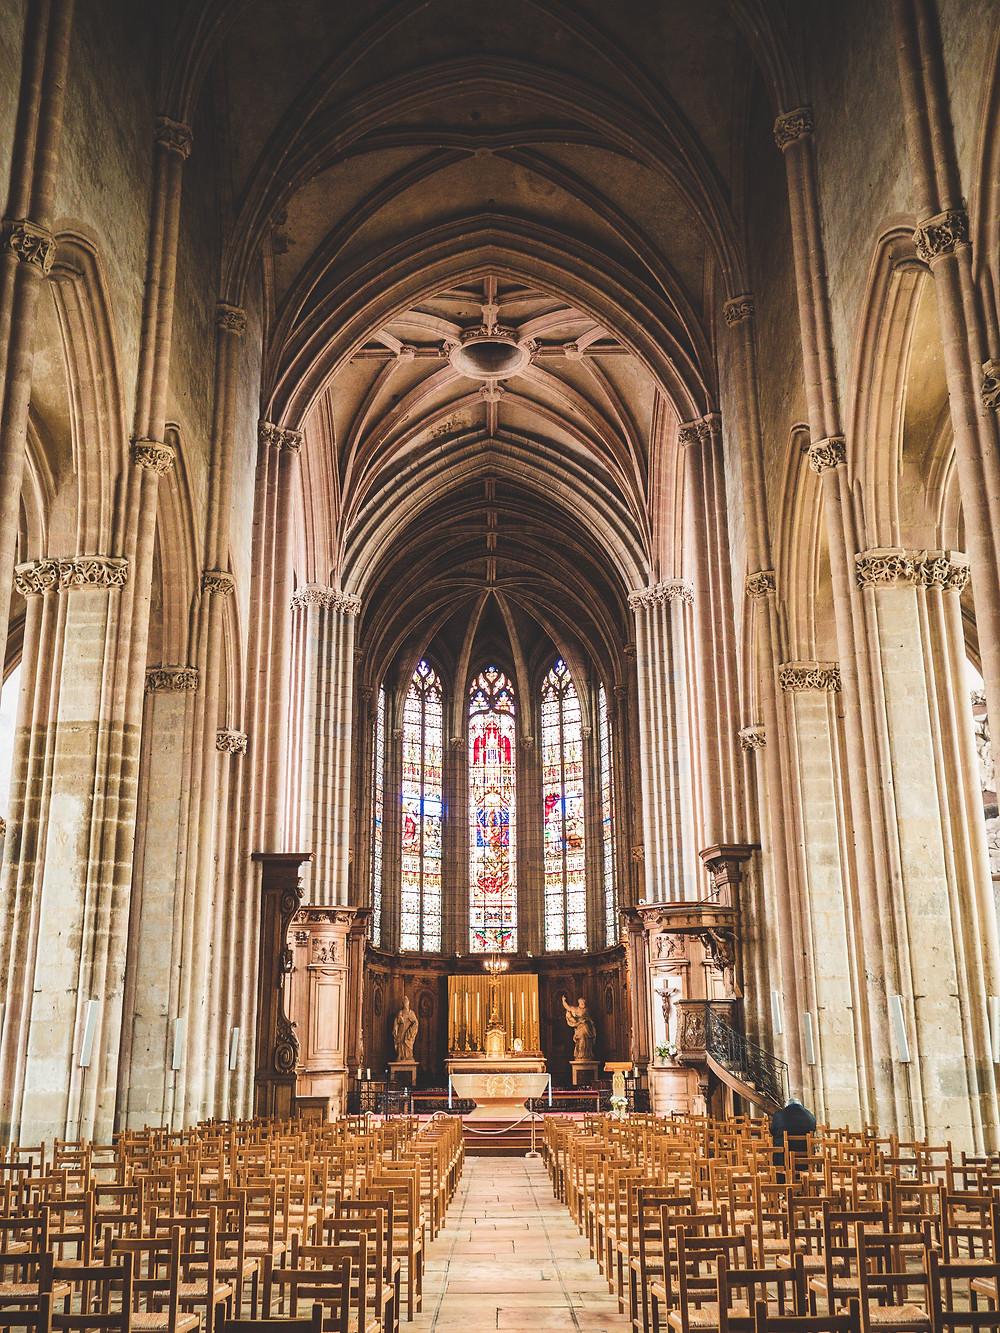 Eglise Saint-Michel de Dijon baroque roman gothique cathedrale